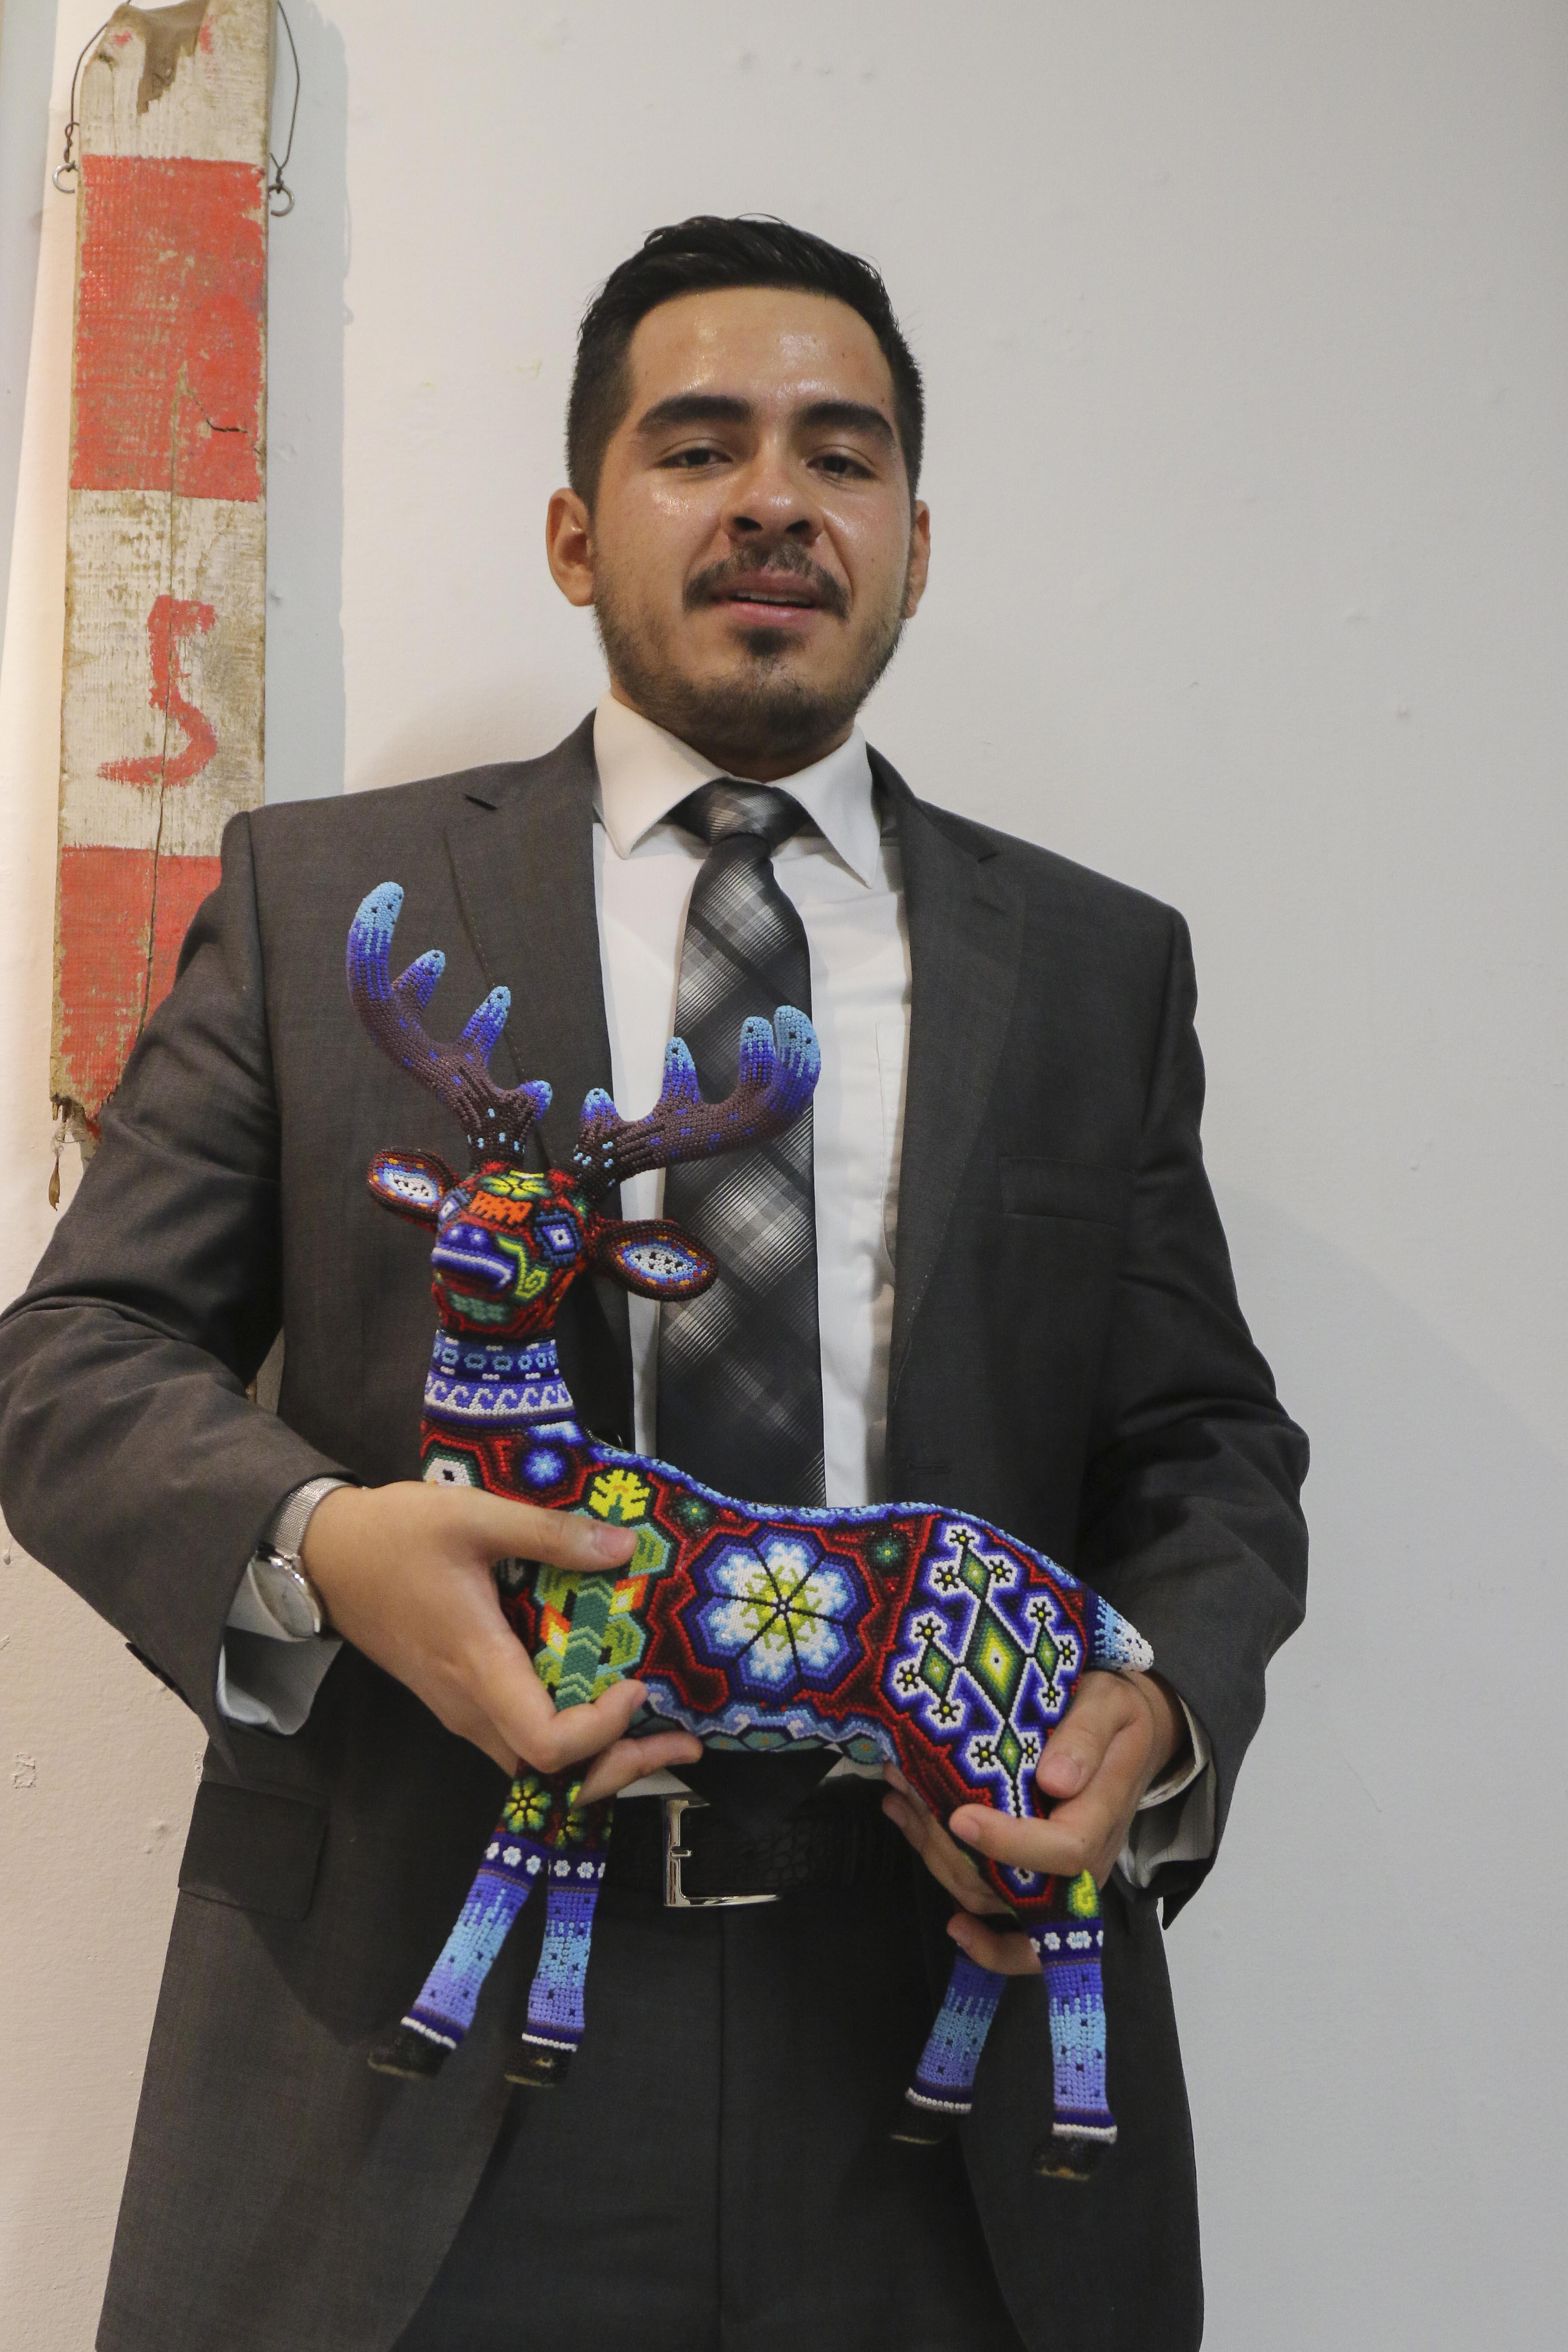 Iván Segura Durán posa para la foto, tiene en las manos la estatuilla artesanal con la que lo distinguieron